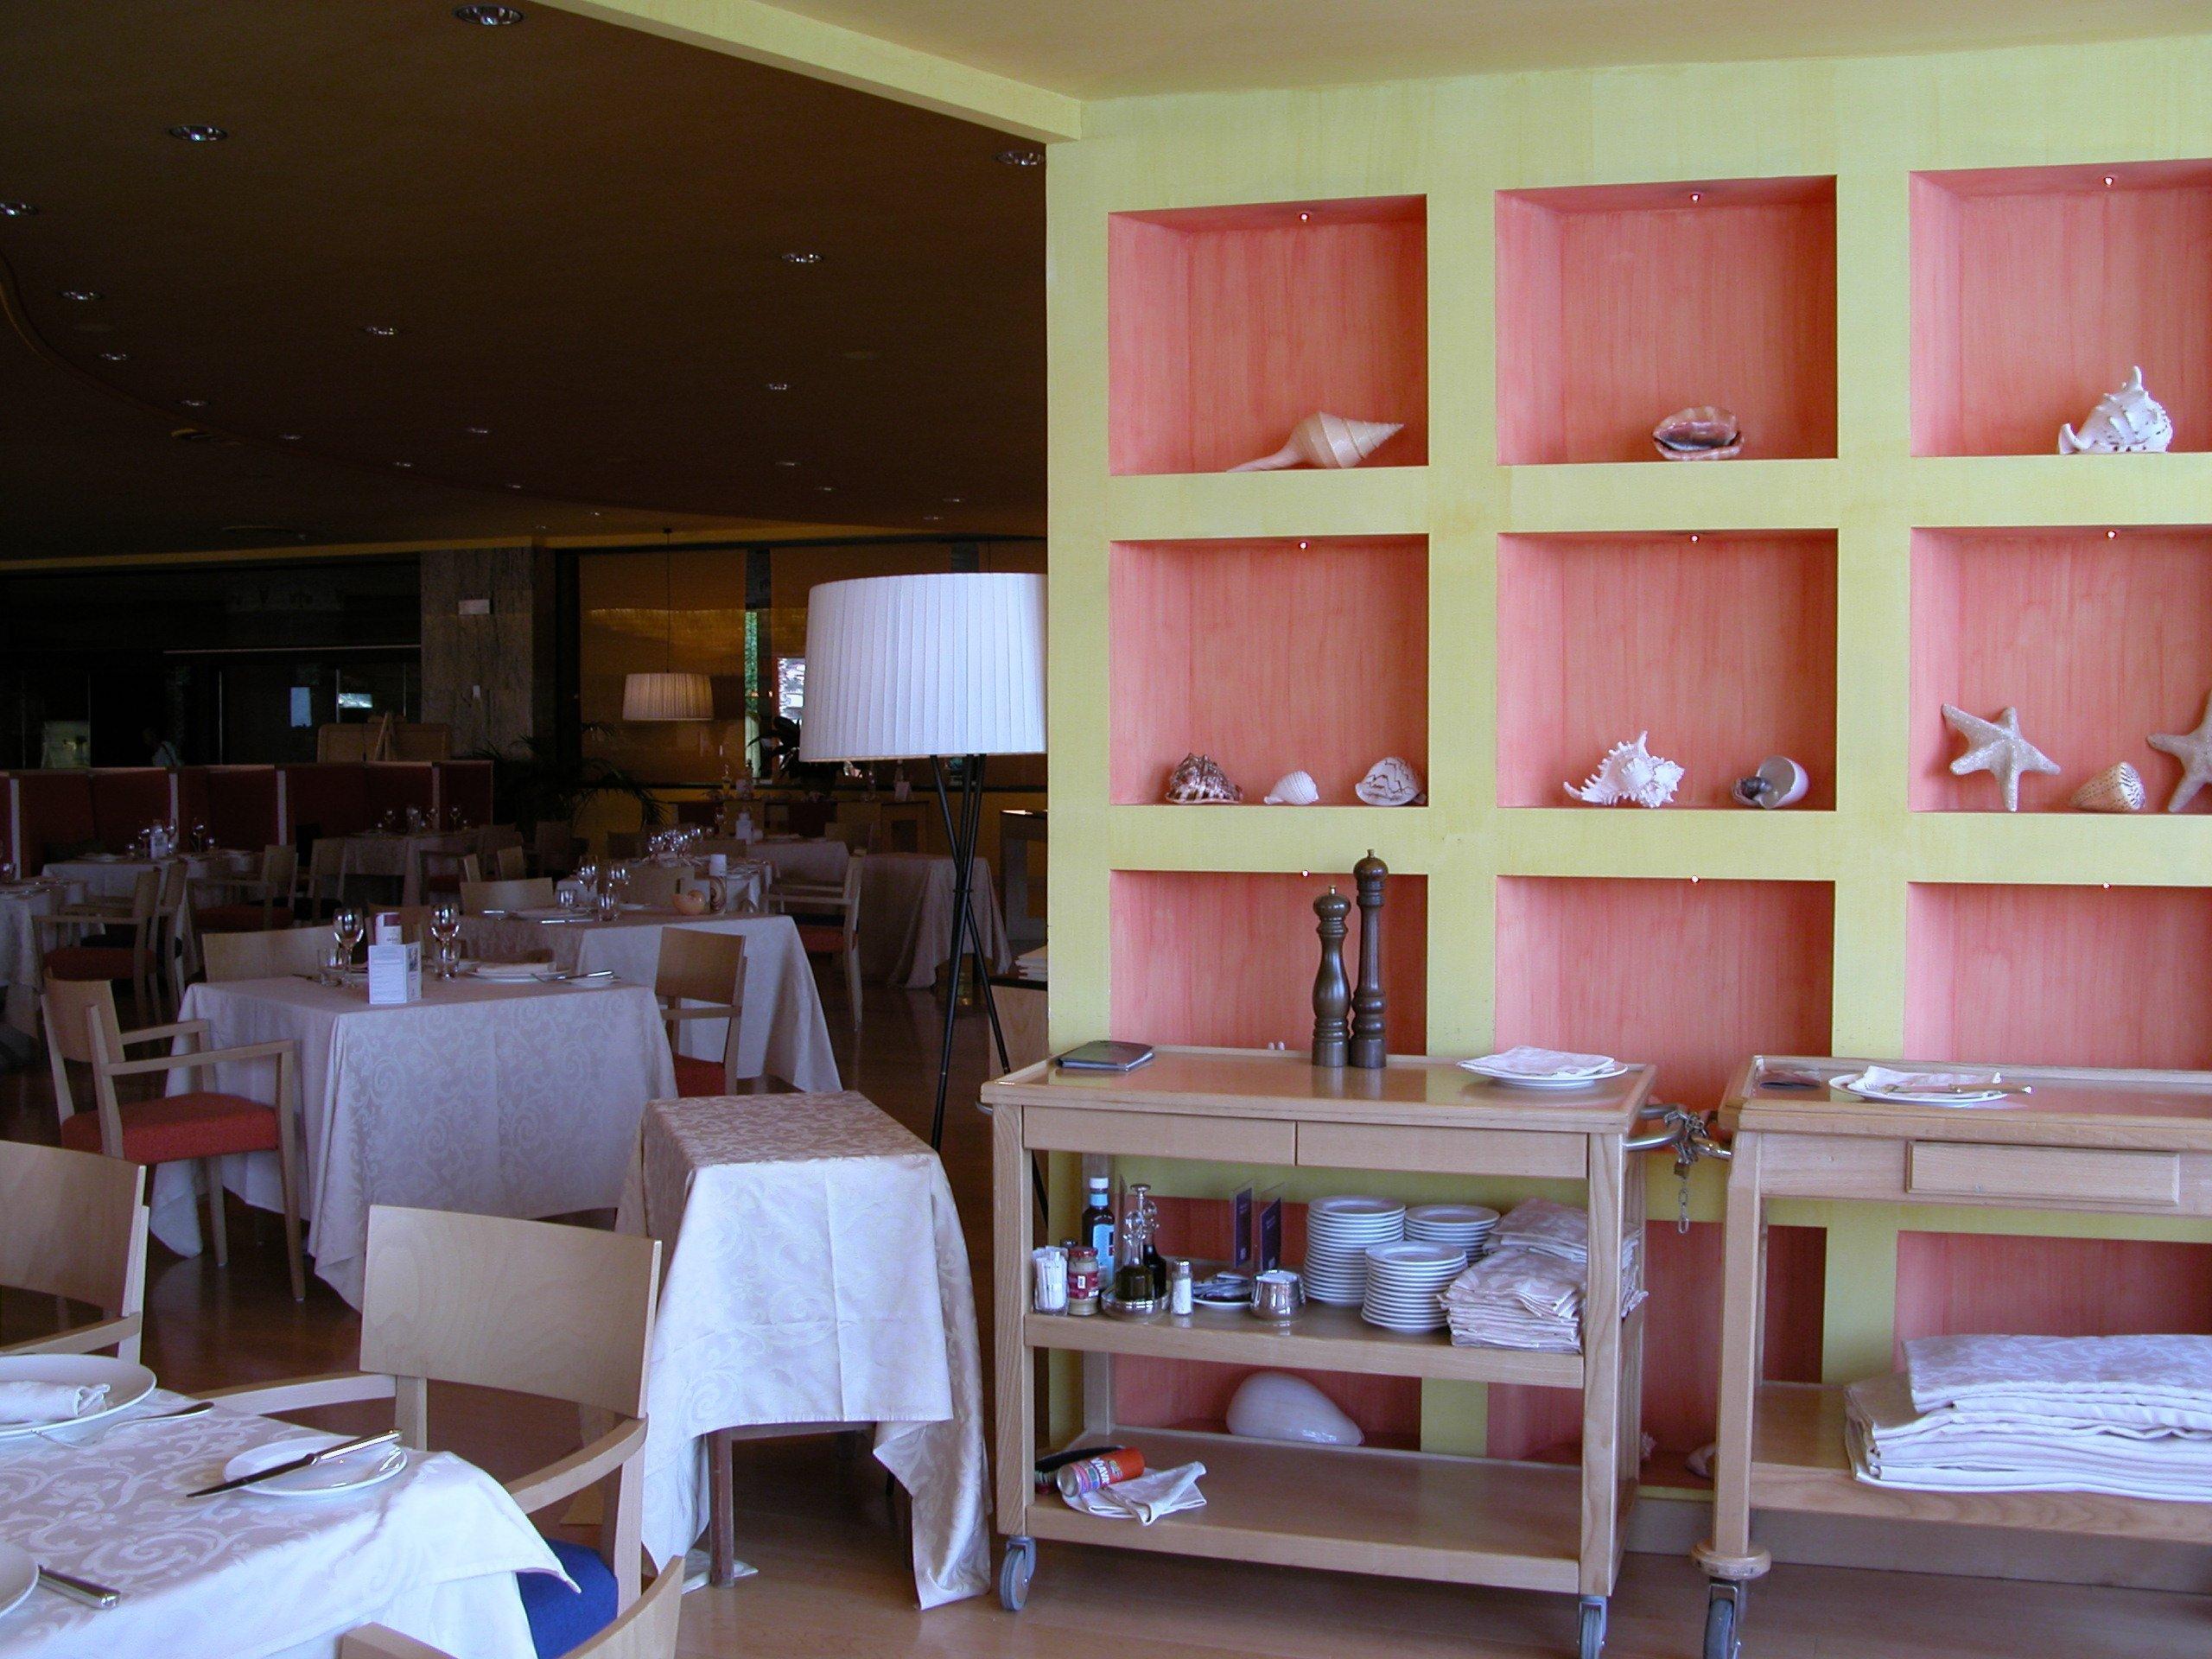 Interno del ristorante di un hotel con carrello per spezie da cameriere